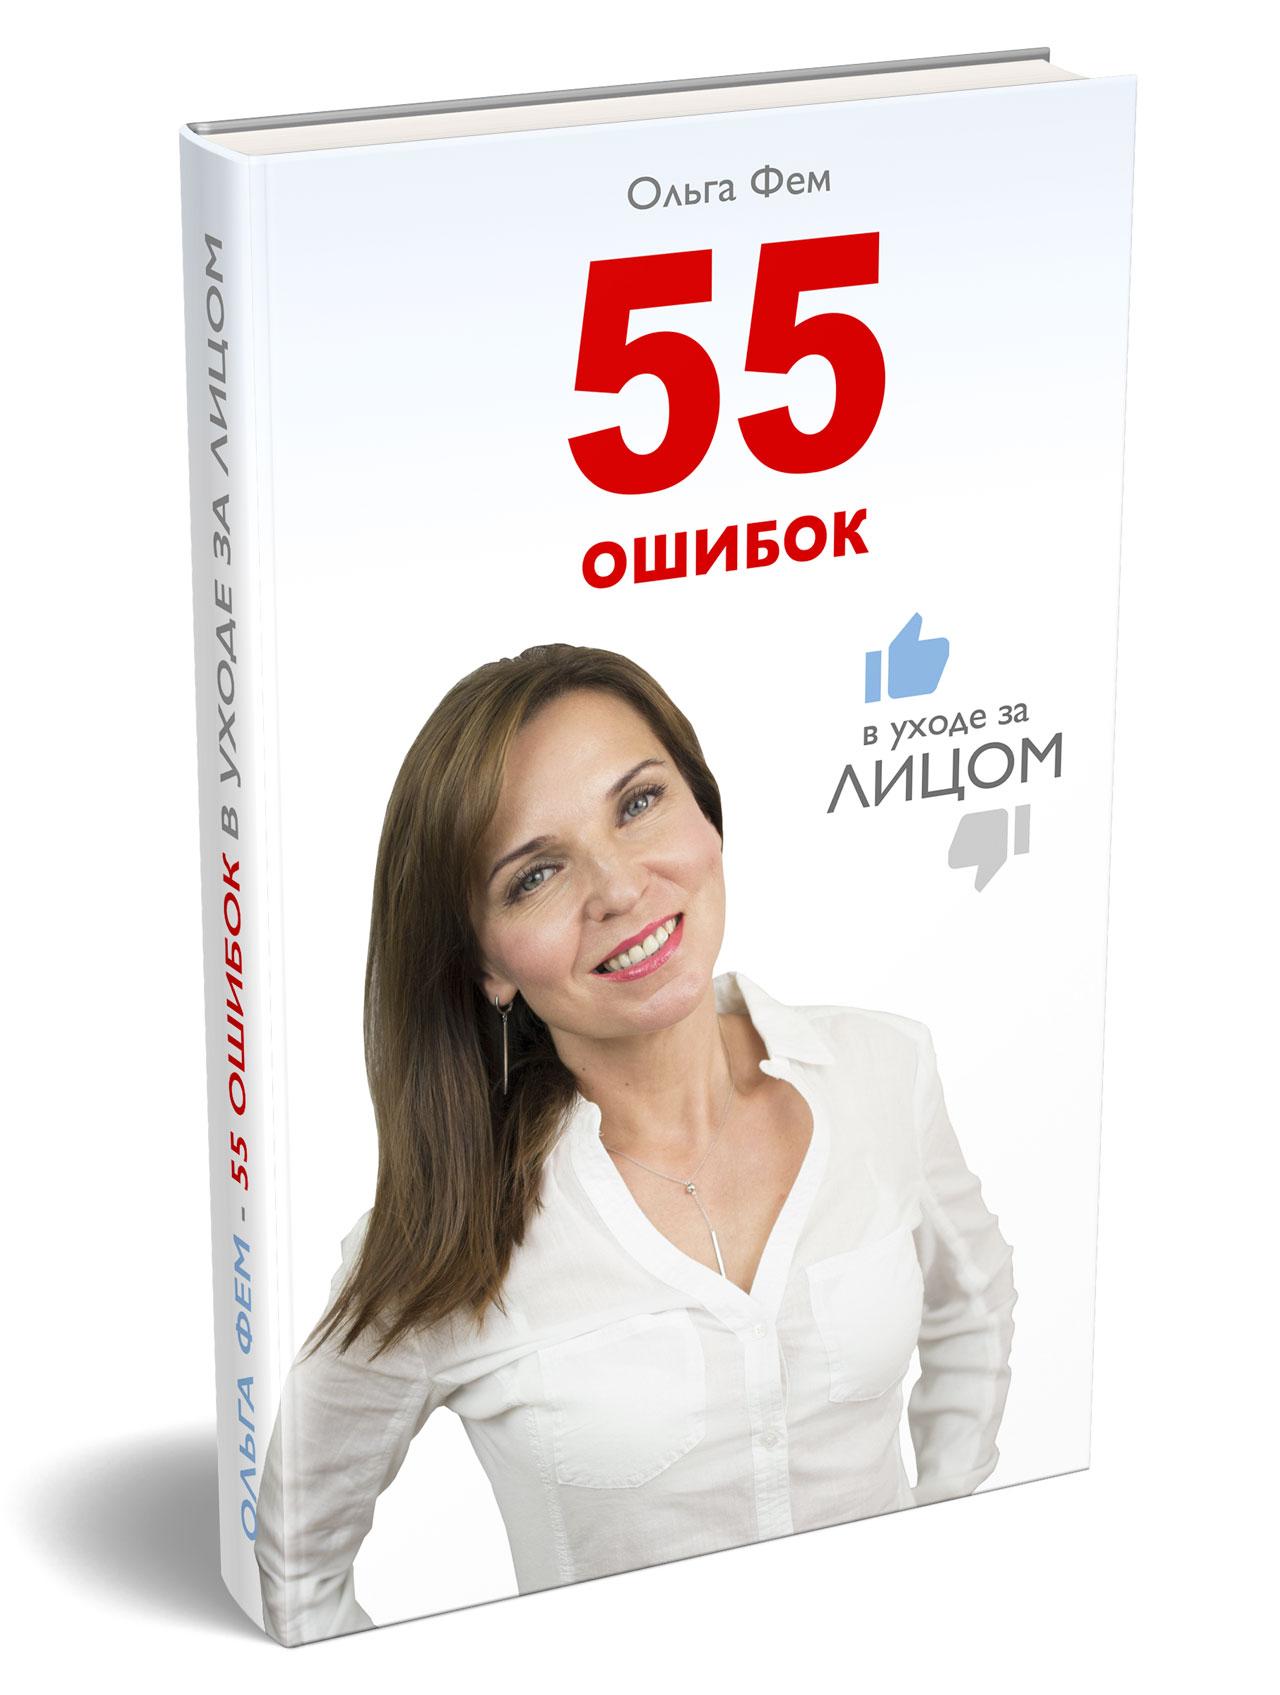 Новая книга Ольги Фем - 55 ошибок в уходе за лицом - Ревизия вашего домашнего ухода за кожей